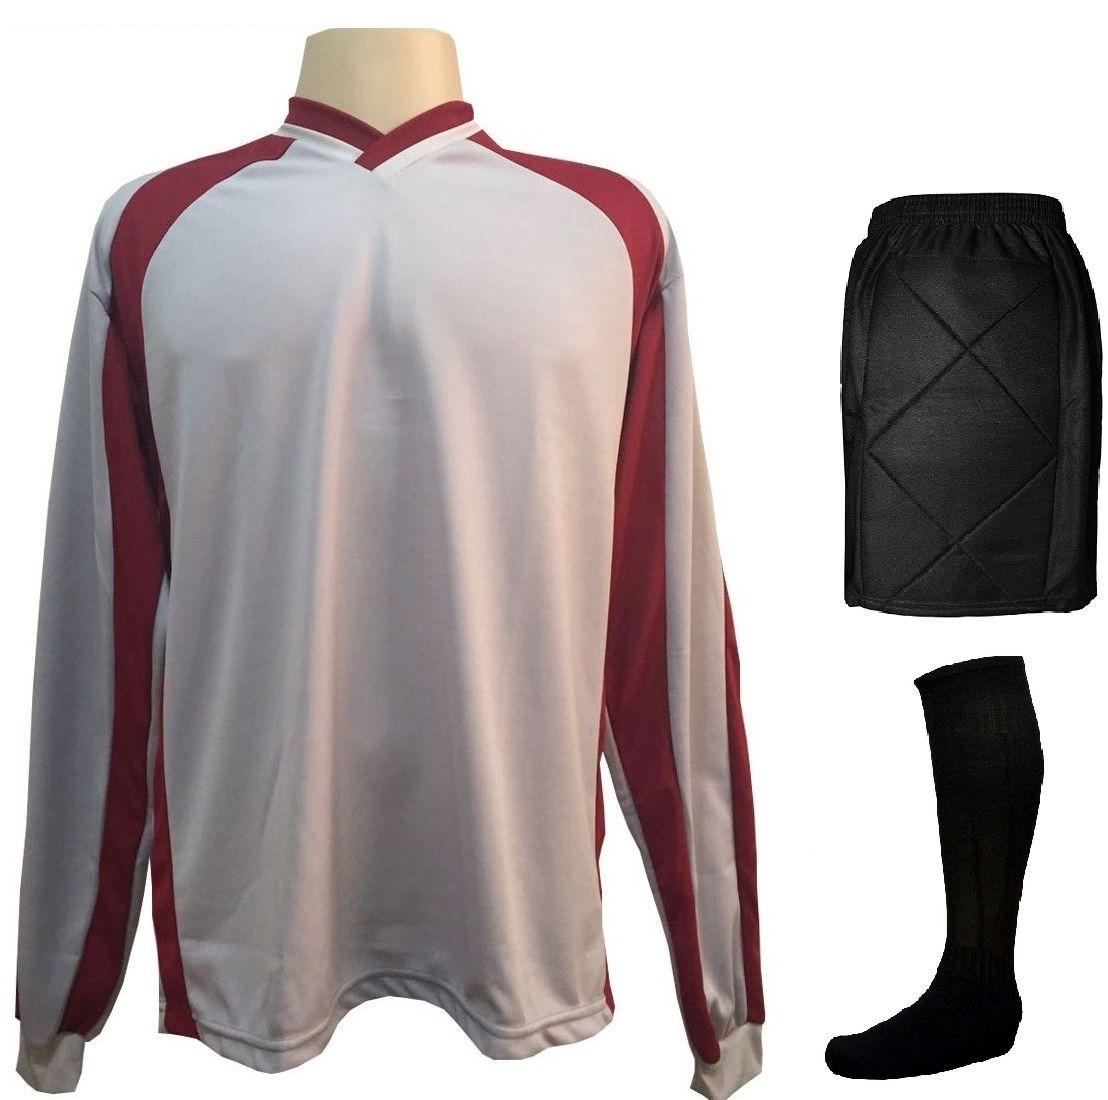 Fardamento Completo modelo Roma 18+1 (18 Camisas Celeste/Preto + 18 Calções Madrid Preto + 18 Pares de Meiões Pretos + 1 Conjunto de Goleiro) + Brindes